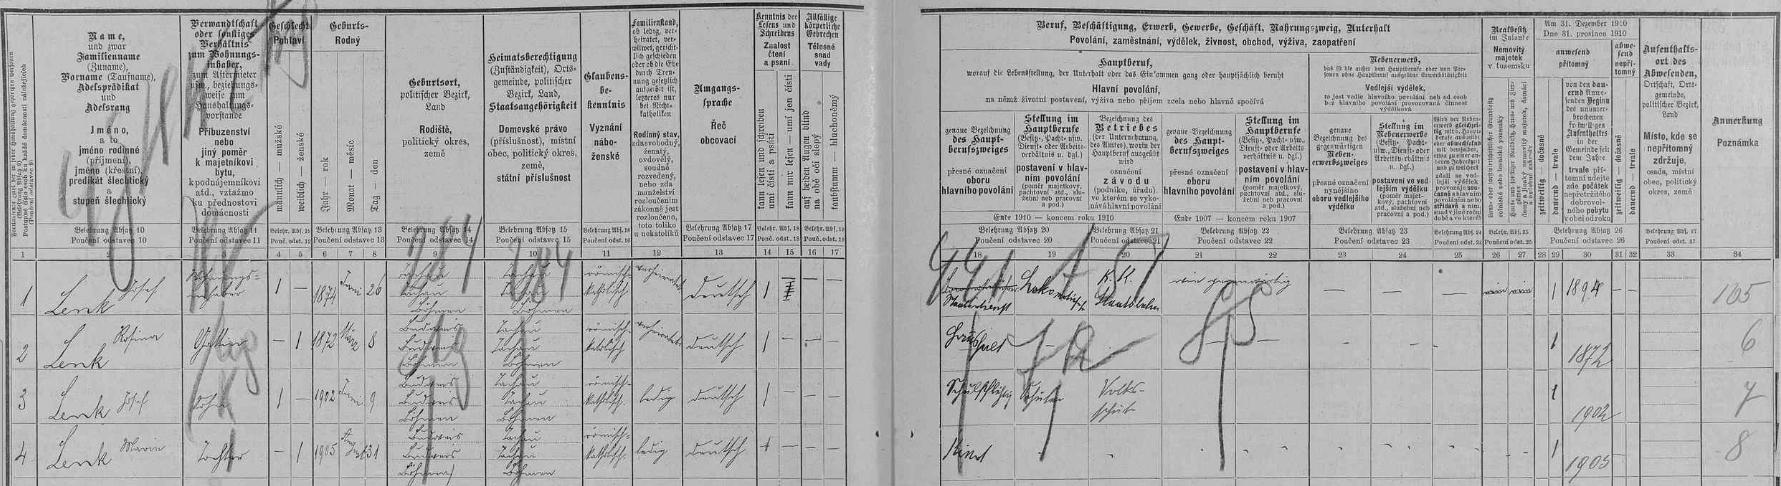 Arch sčítání lidu z roku 1910 pro dům čp. 4/385 v tehdejší českobudějovické Rosenauerově ulici s rodinou Lenkovou